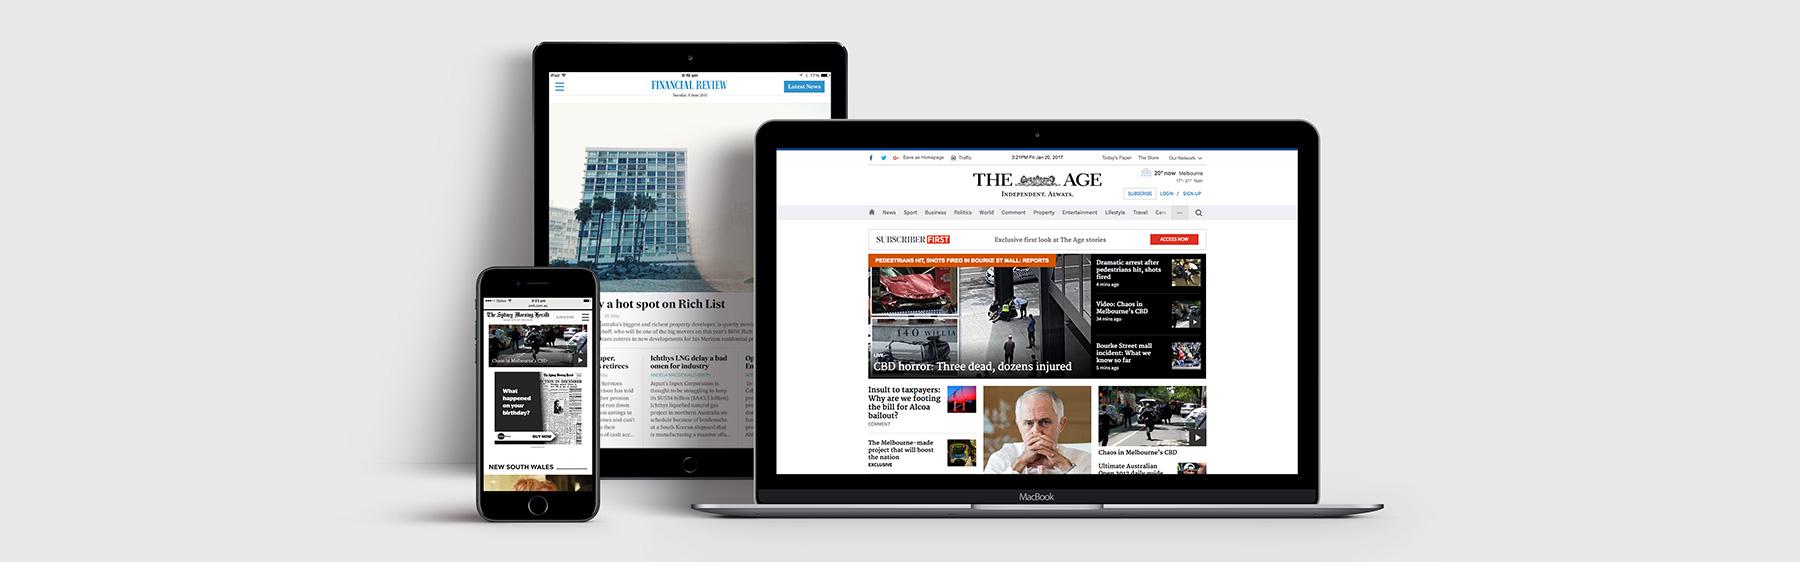 Fairfax Media - Instant Access to Premium Content for Australian Businesses